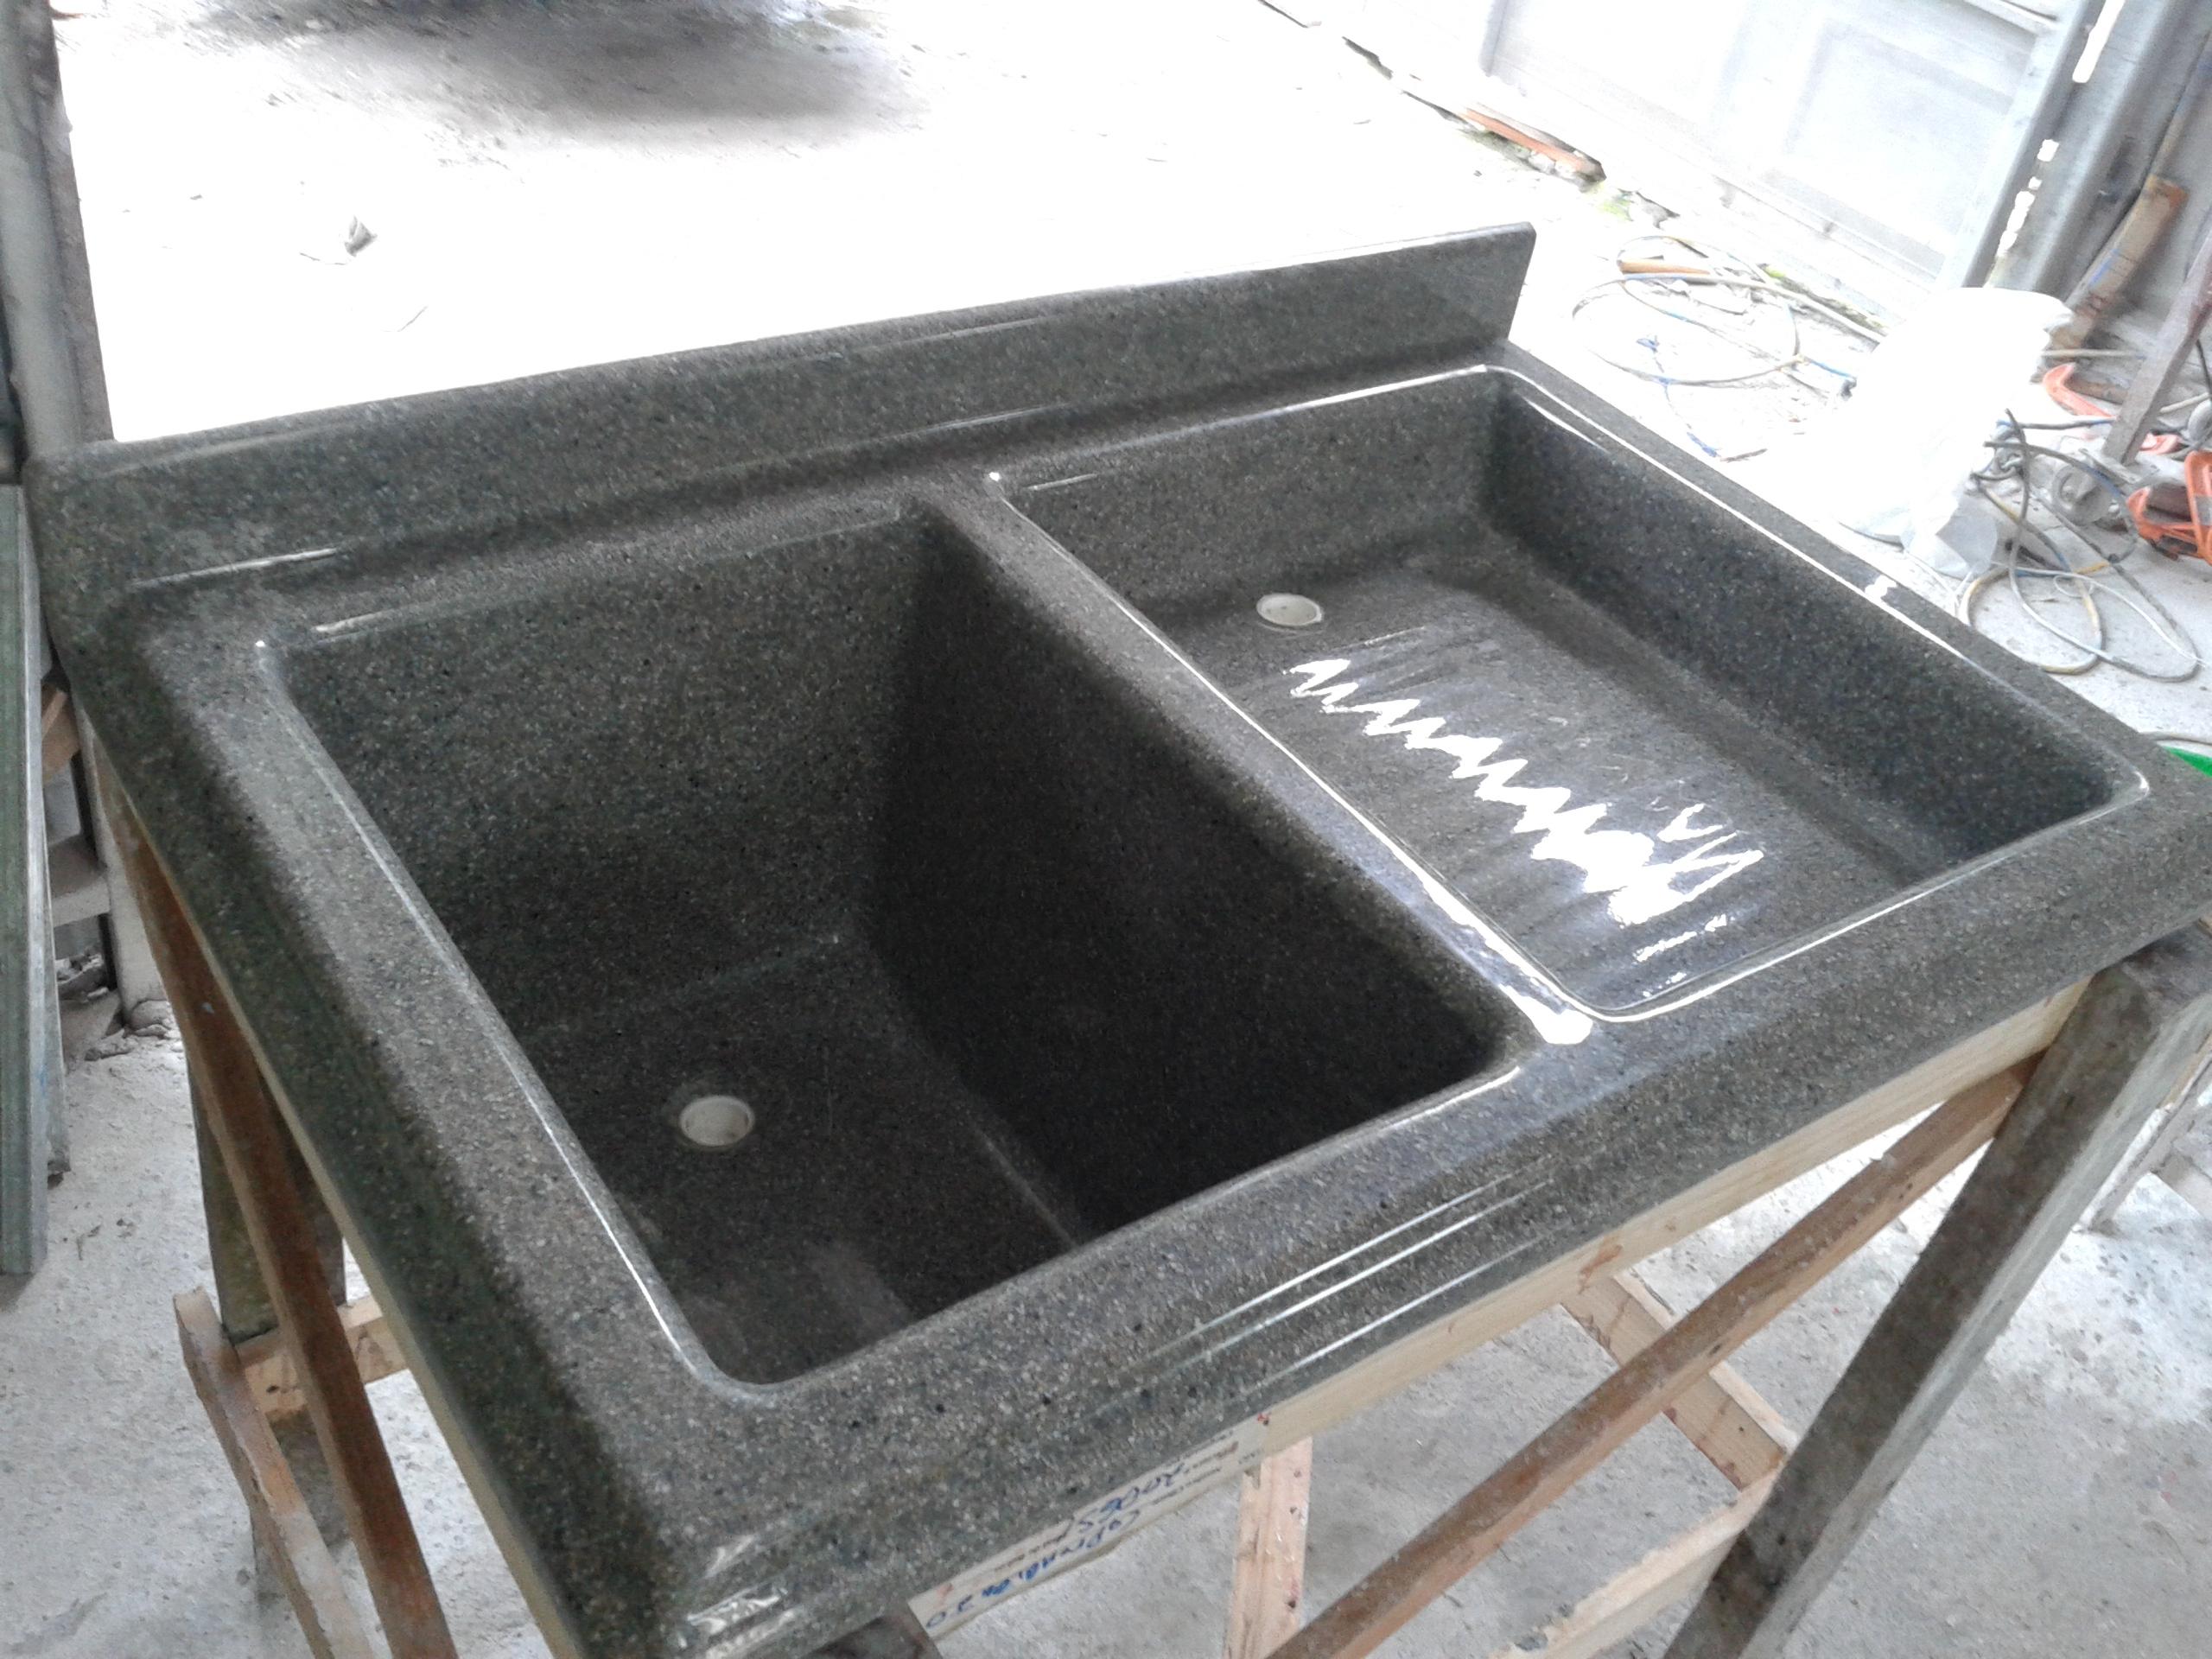 Pilas en granito sintetico marmol tico - Pilas lavadero pequenas ...